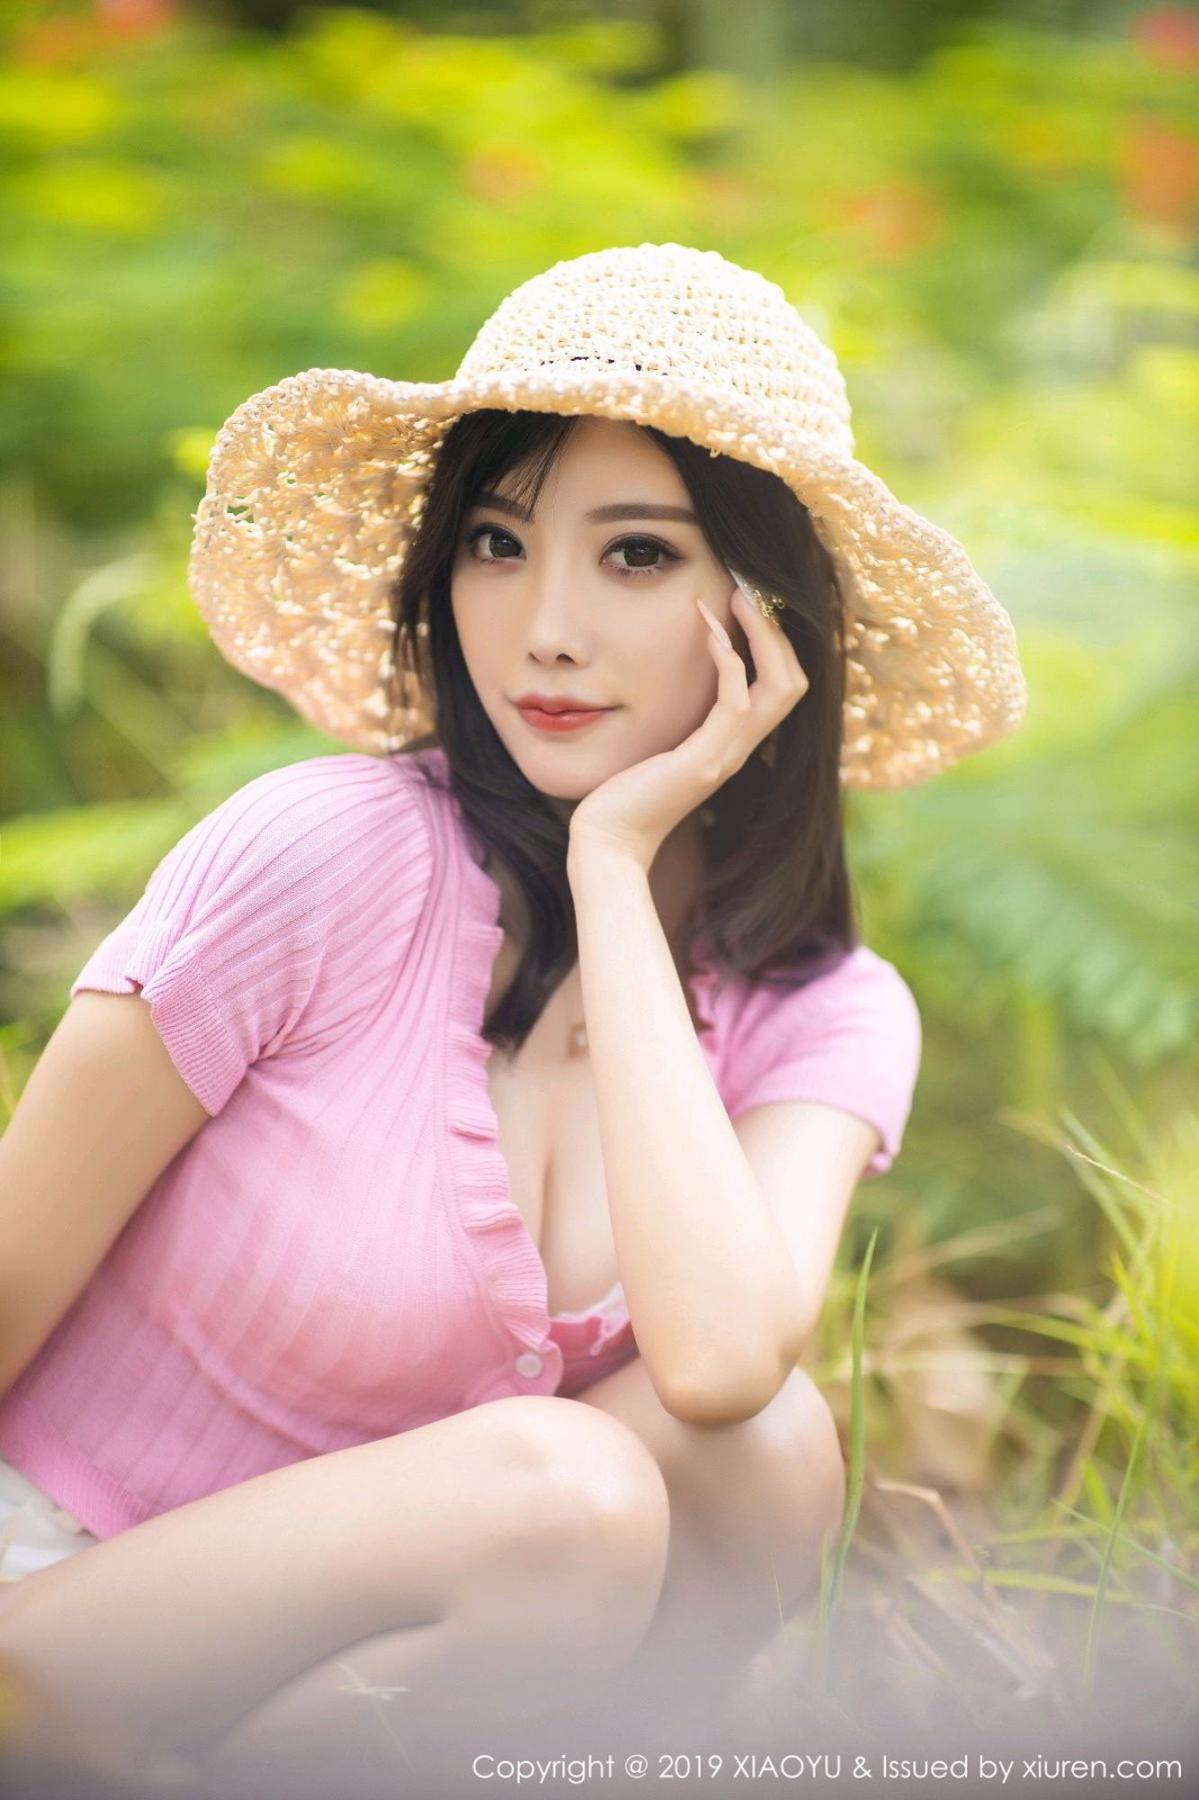 [XiaoYu] Vol.169 Yang Chen Chen 11P, Outdoor, Underwear, XiaoYu, Yang Chen Chen